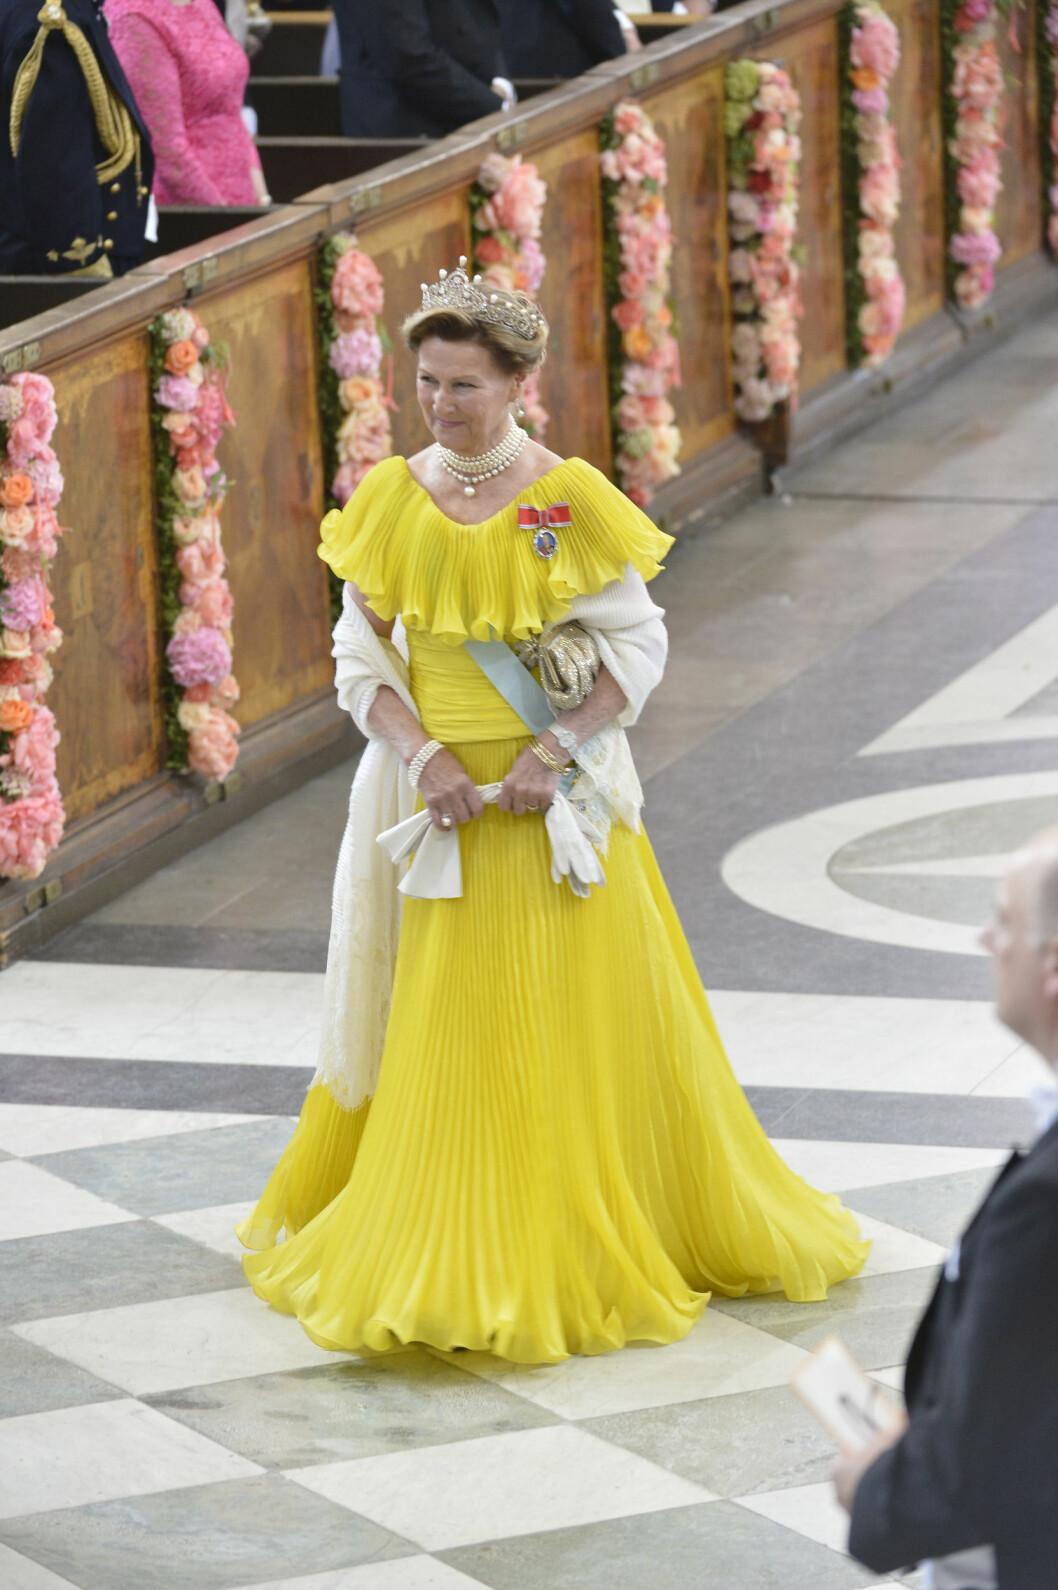 <strong>GULT ER KULT:</strong> Dronning Sonja gikk for gjenbruk - og strålte i den knallgule kjolen hun har brukt ved en rekke rojale tilsteldninger tidligere. Kanskje en hyllest til det svenske flagget, som kjent er blått og gult? Foto: NTB Scanpix